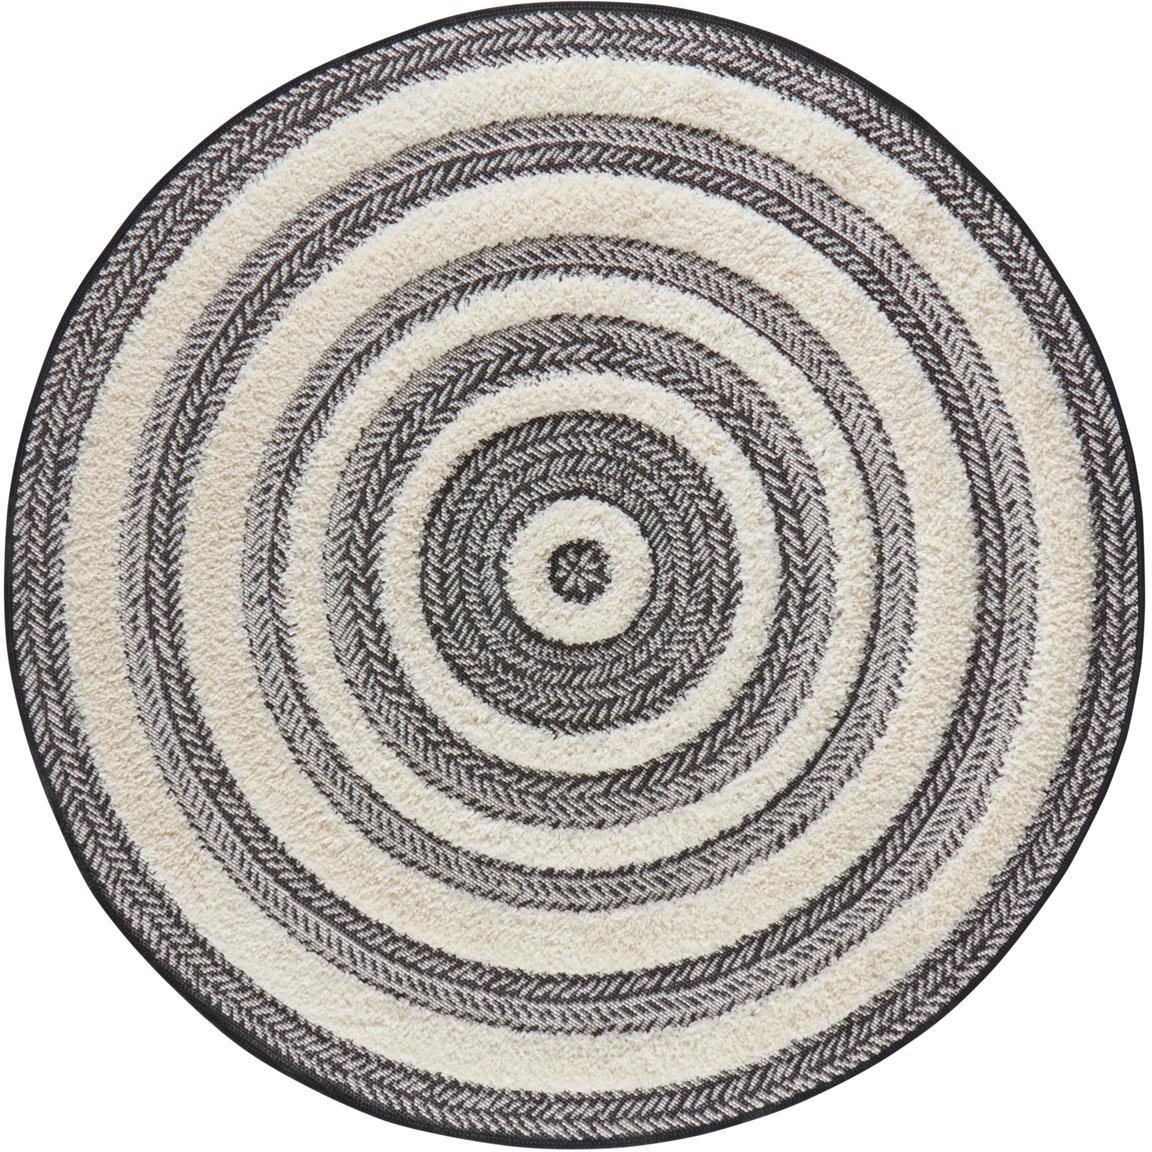 Runder In- & Outdoor-Teppich Nador mit Hoch-Tief-Effekt, 100% Polypropylen, Grau, Cremefarben, Ø 160 cm (Grösse L)